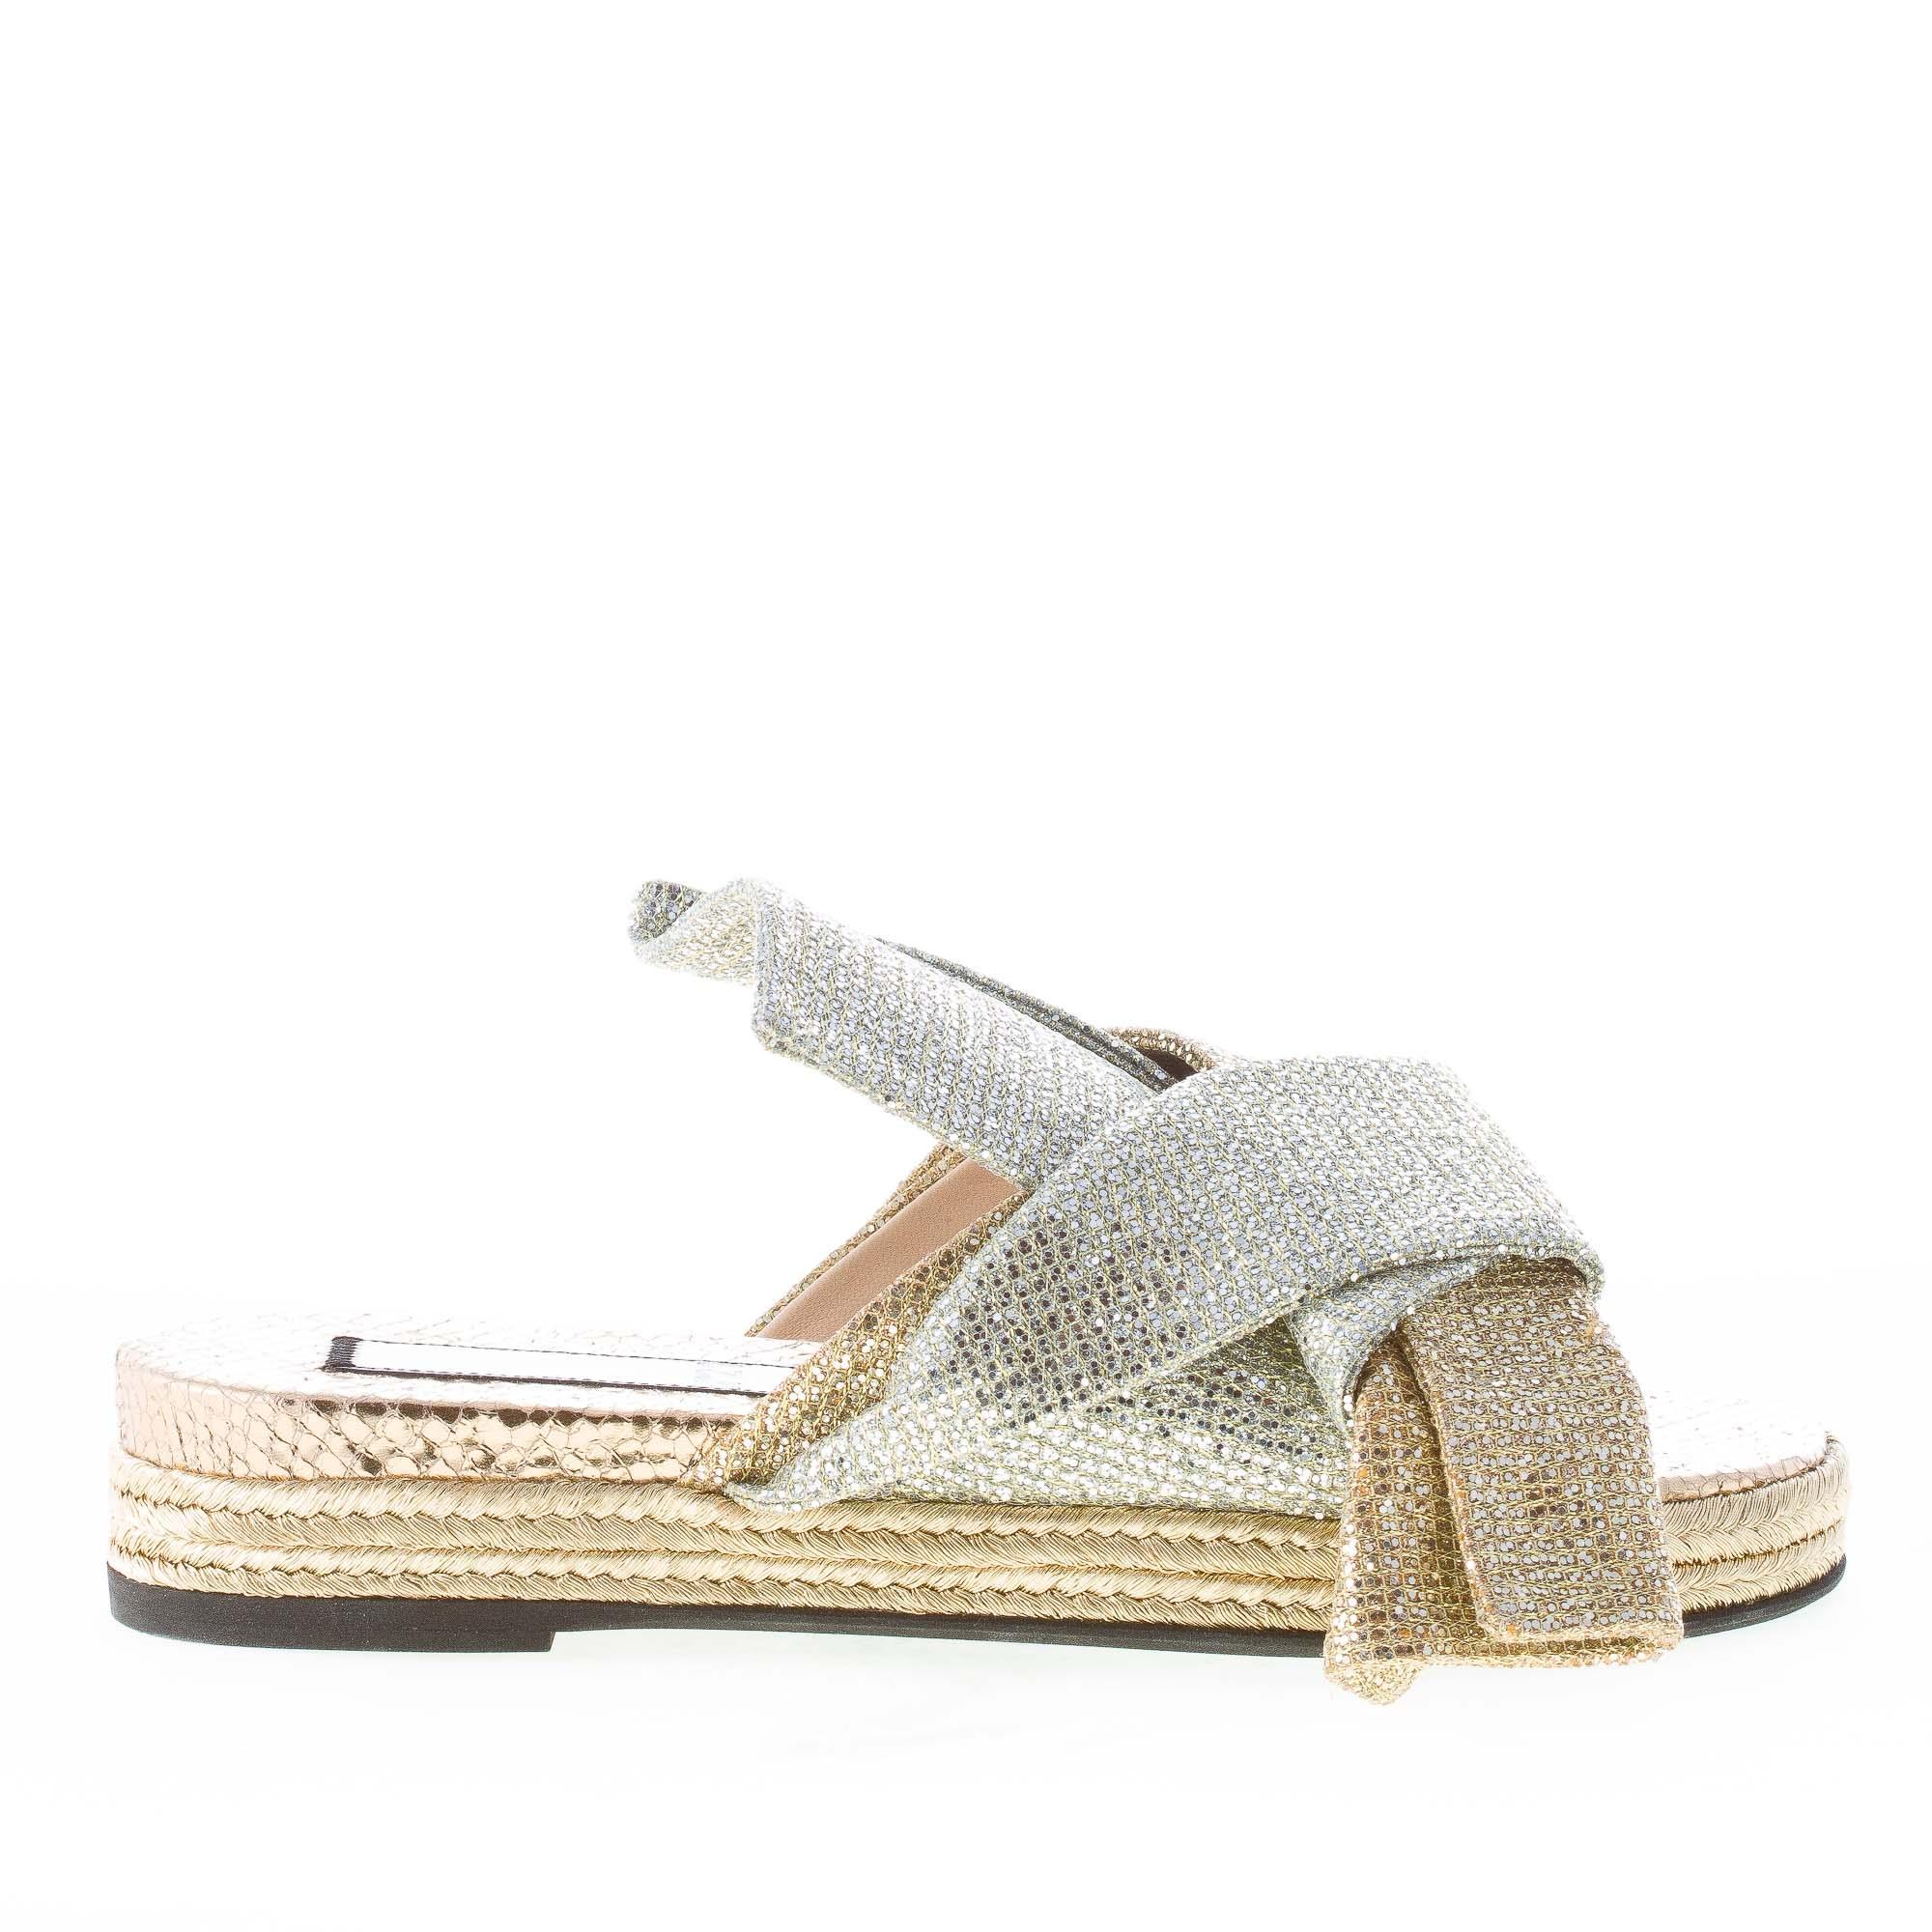 excelentes precios Nº 21 Mujeres Zapatos Zapatos Zapatos De oro Y Plata Lady Brillo Cuero Sandalia de diapositivas con arco  tienda de venta en línea